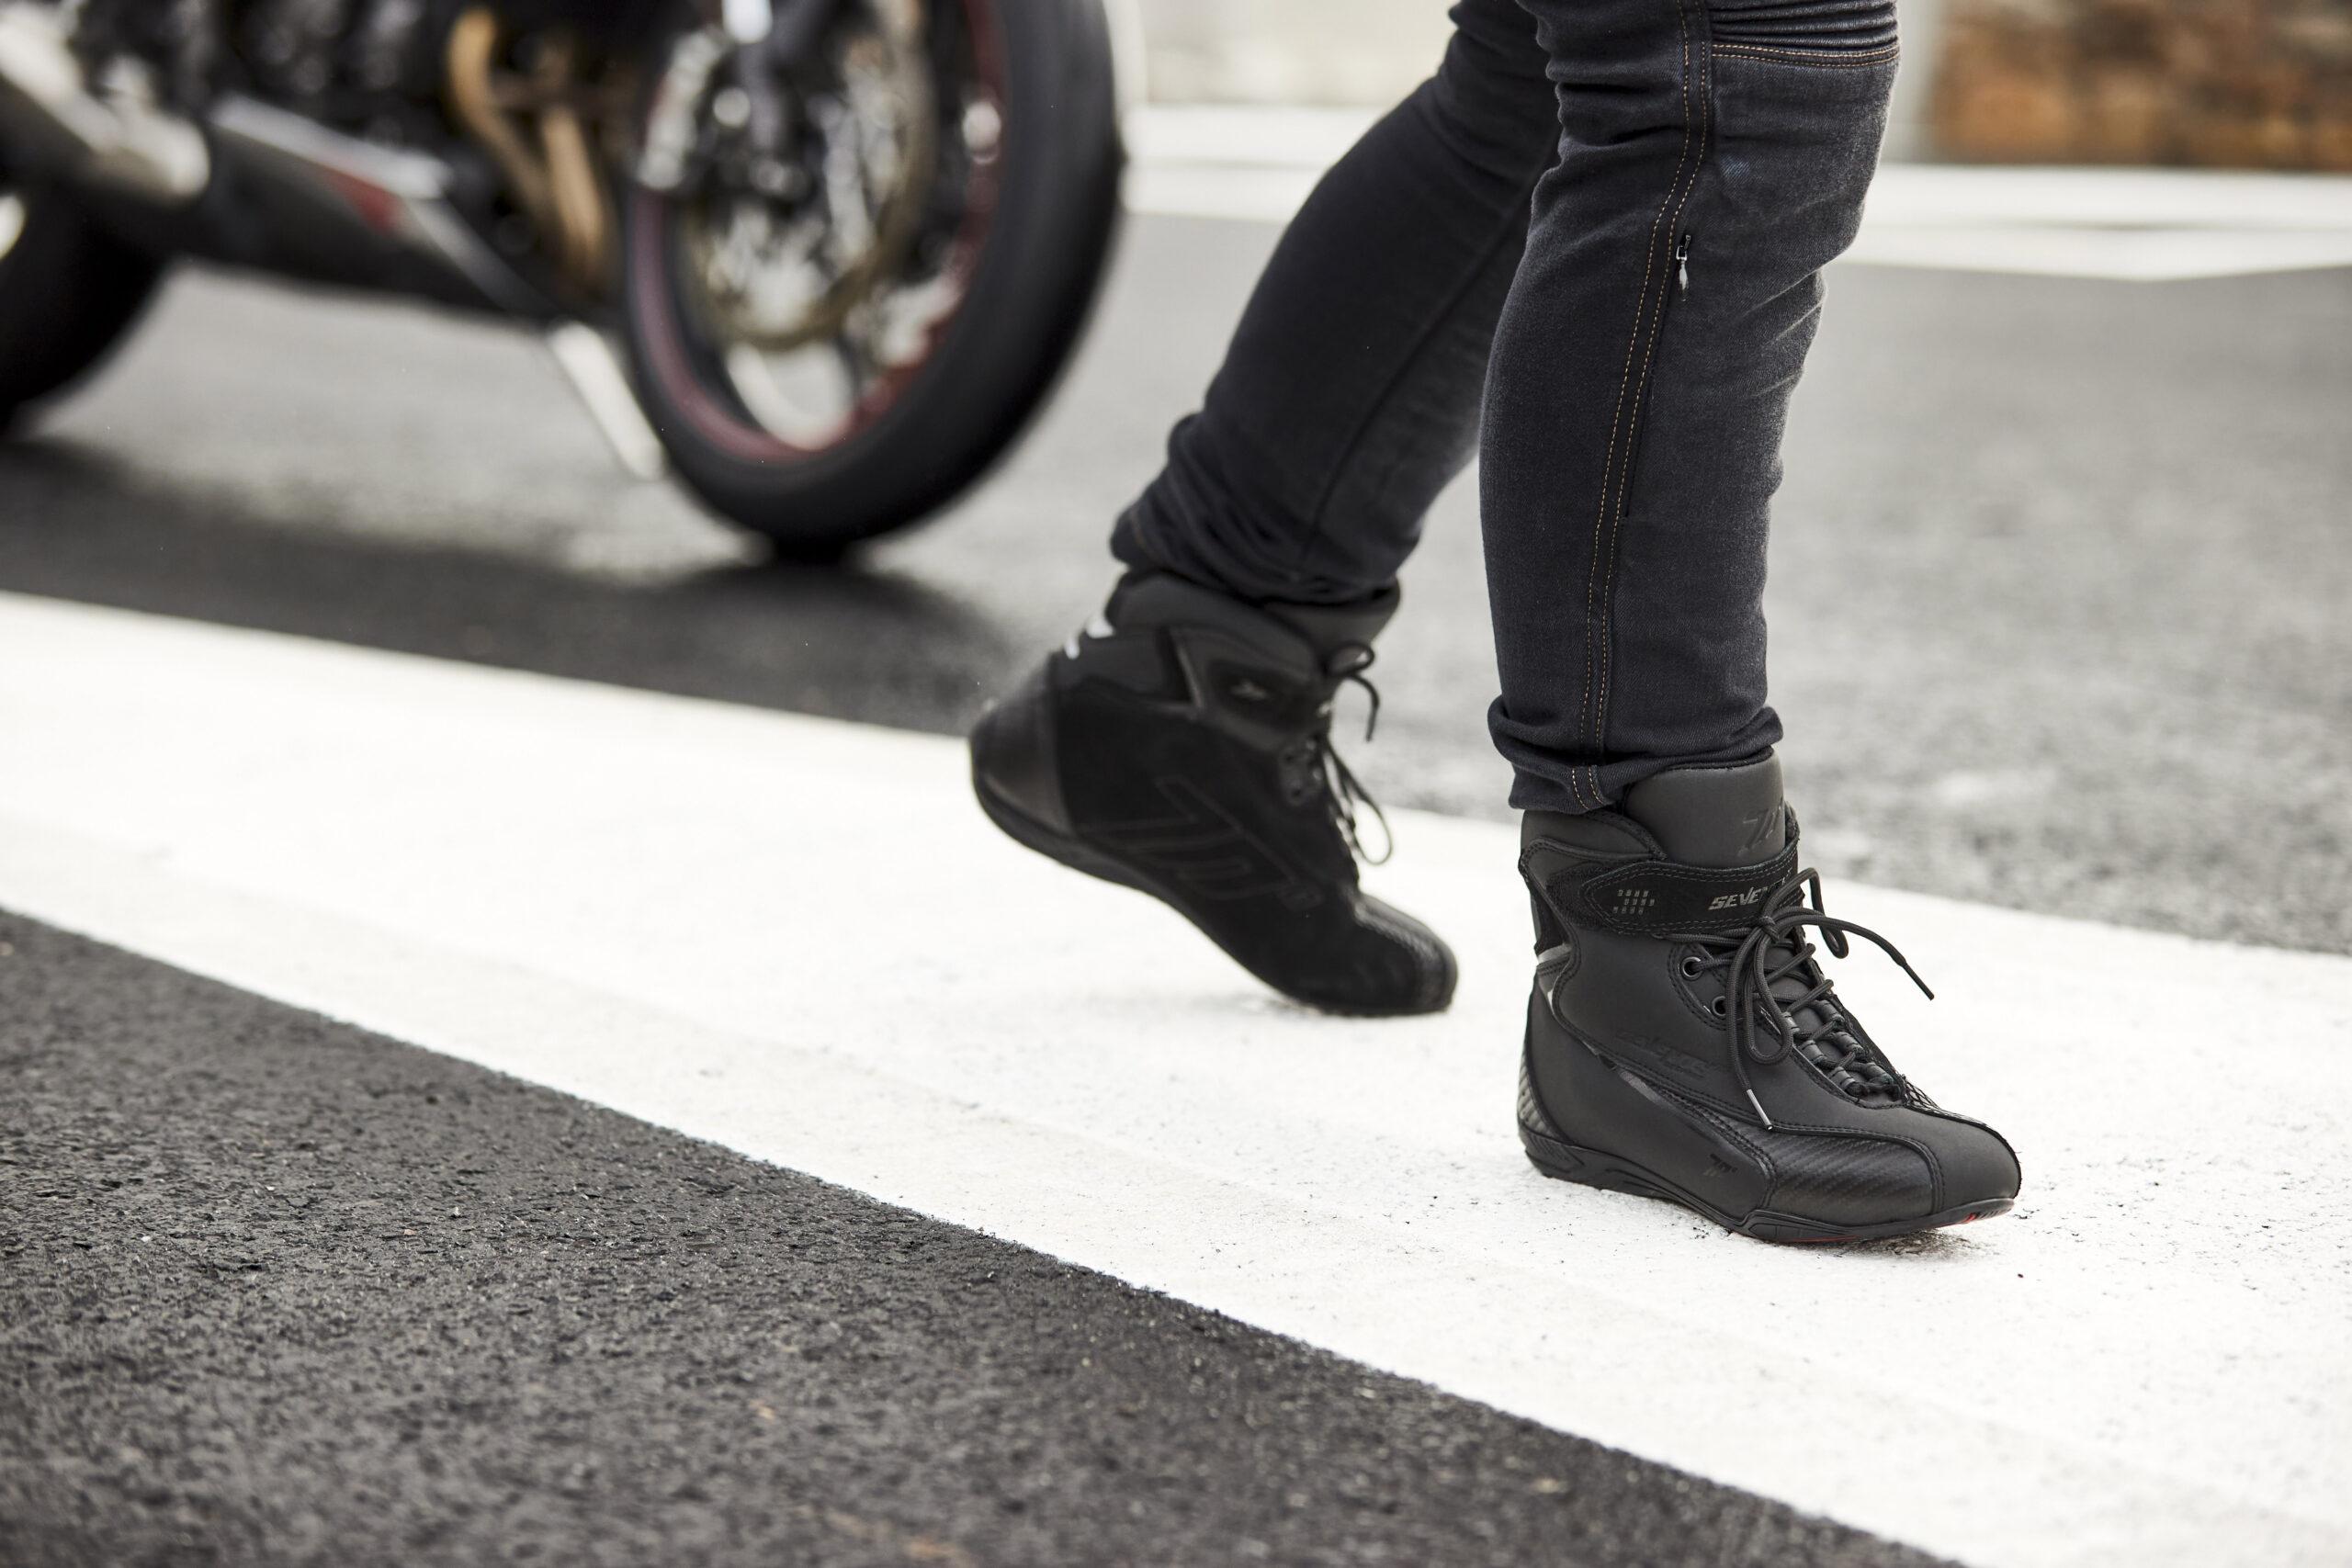 La firma española Seventy Degrees presenta su nueva colección de botas urbanas